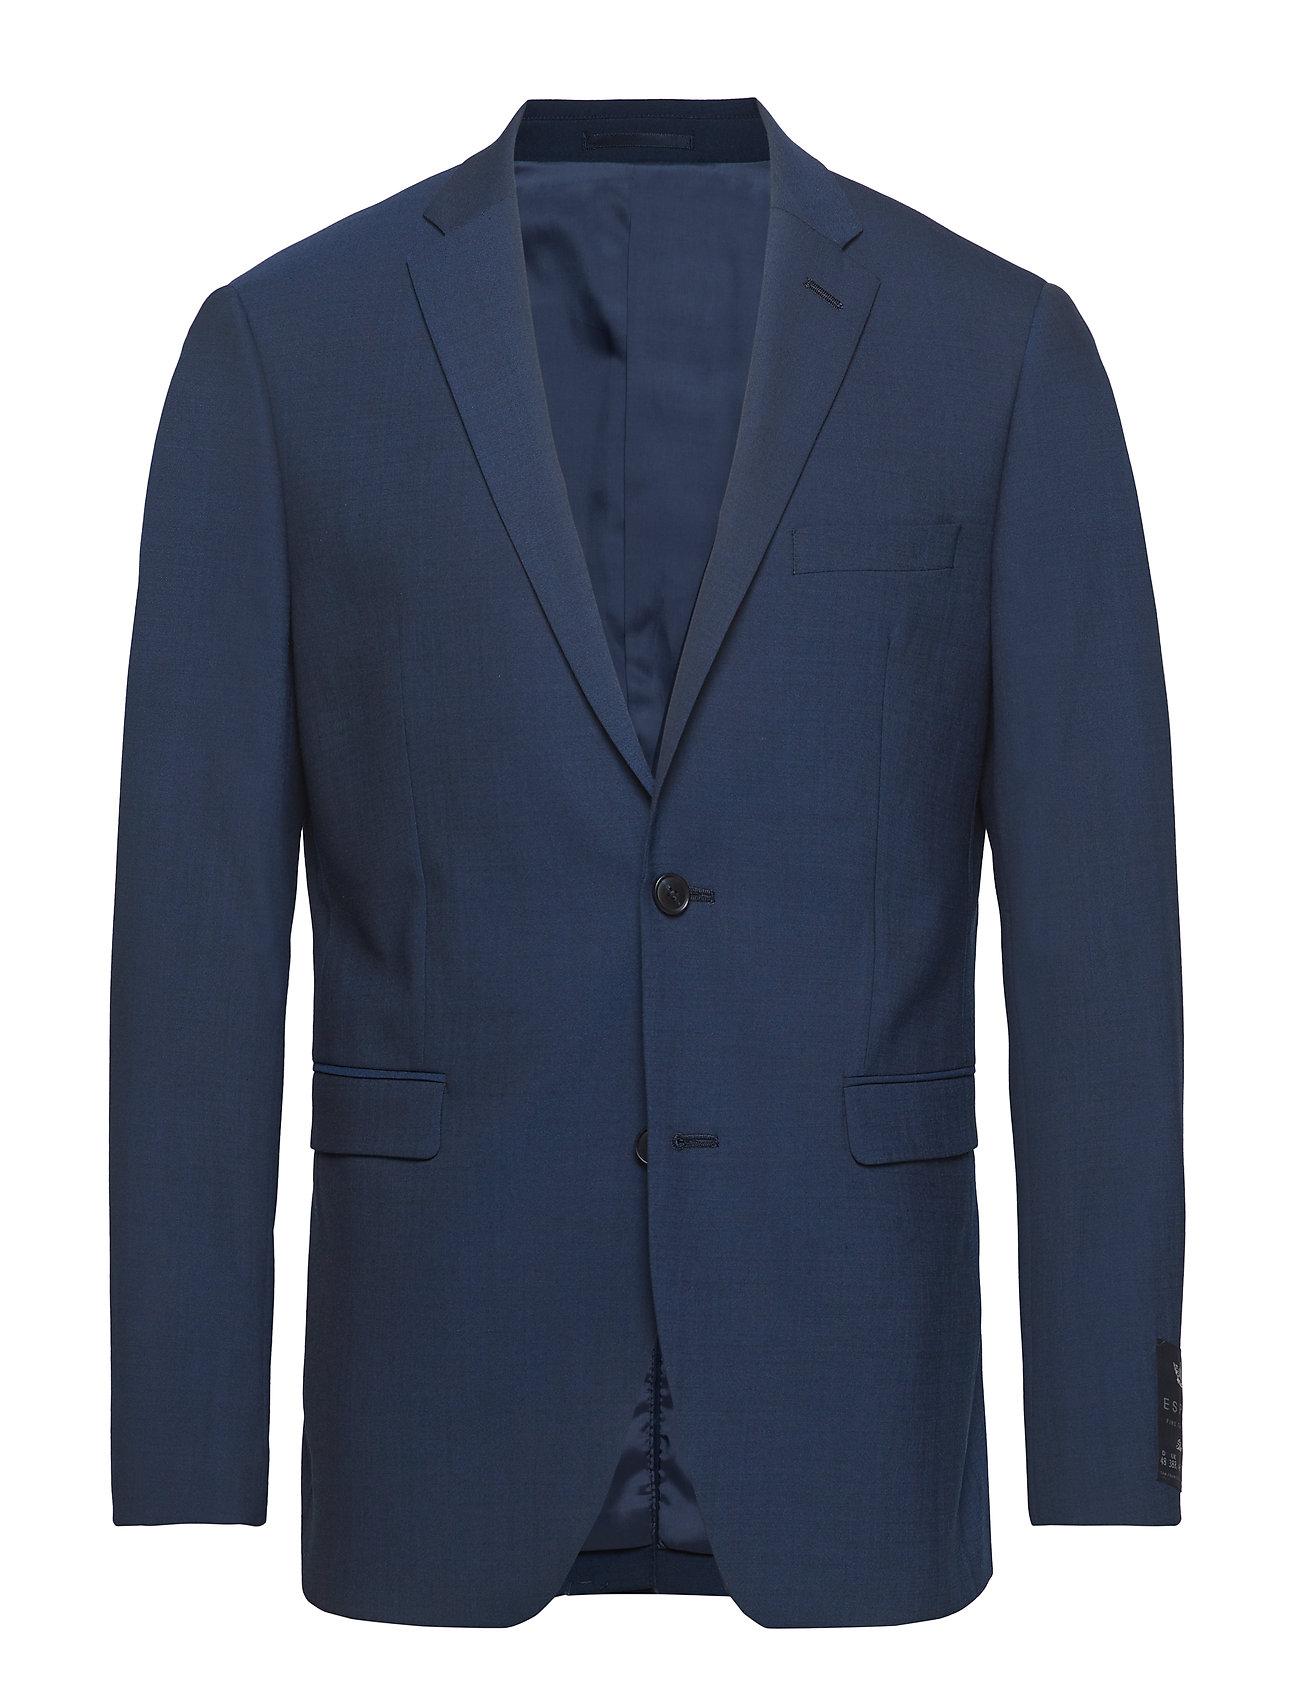 ESPRIT Blazers Suit Blazer Jackett Blau ESPRIT COLLECTION